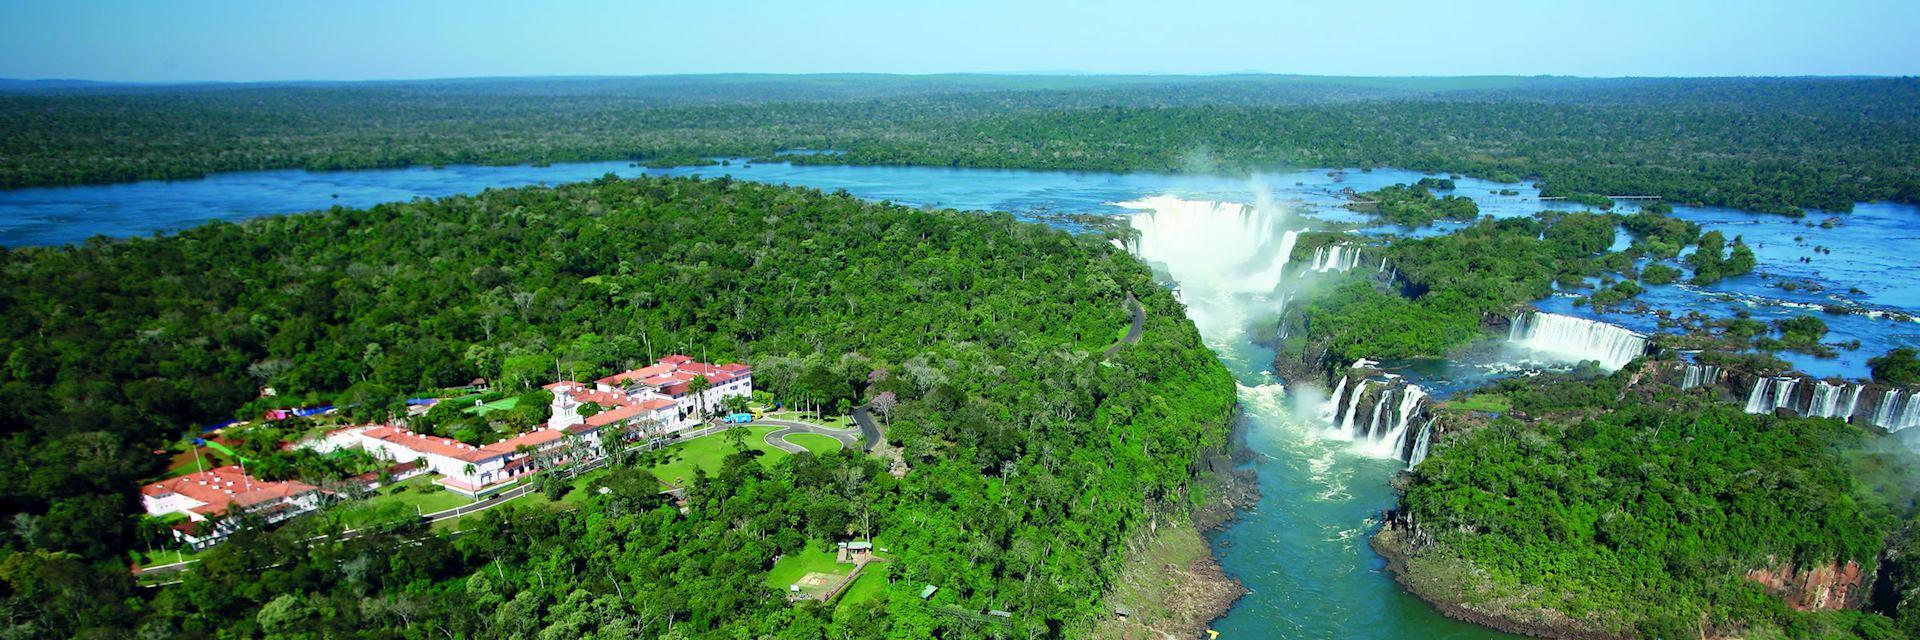 Belmond Das Cataratas Hotel, Iguaçu